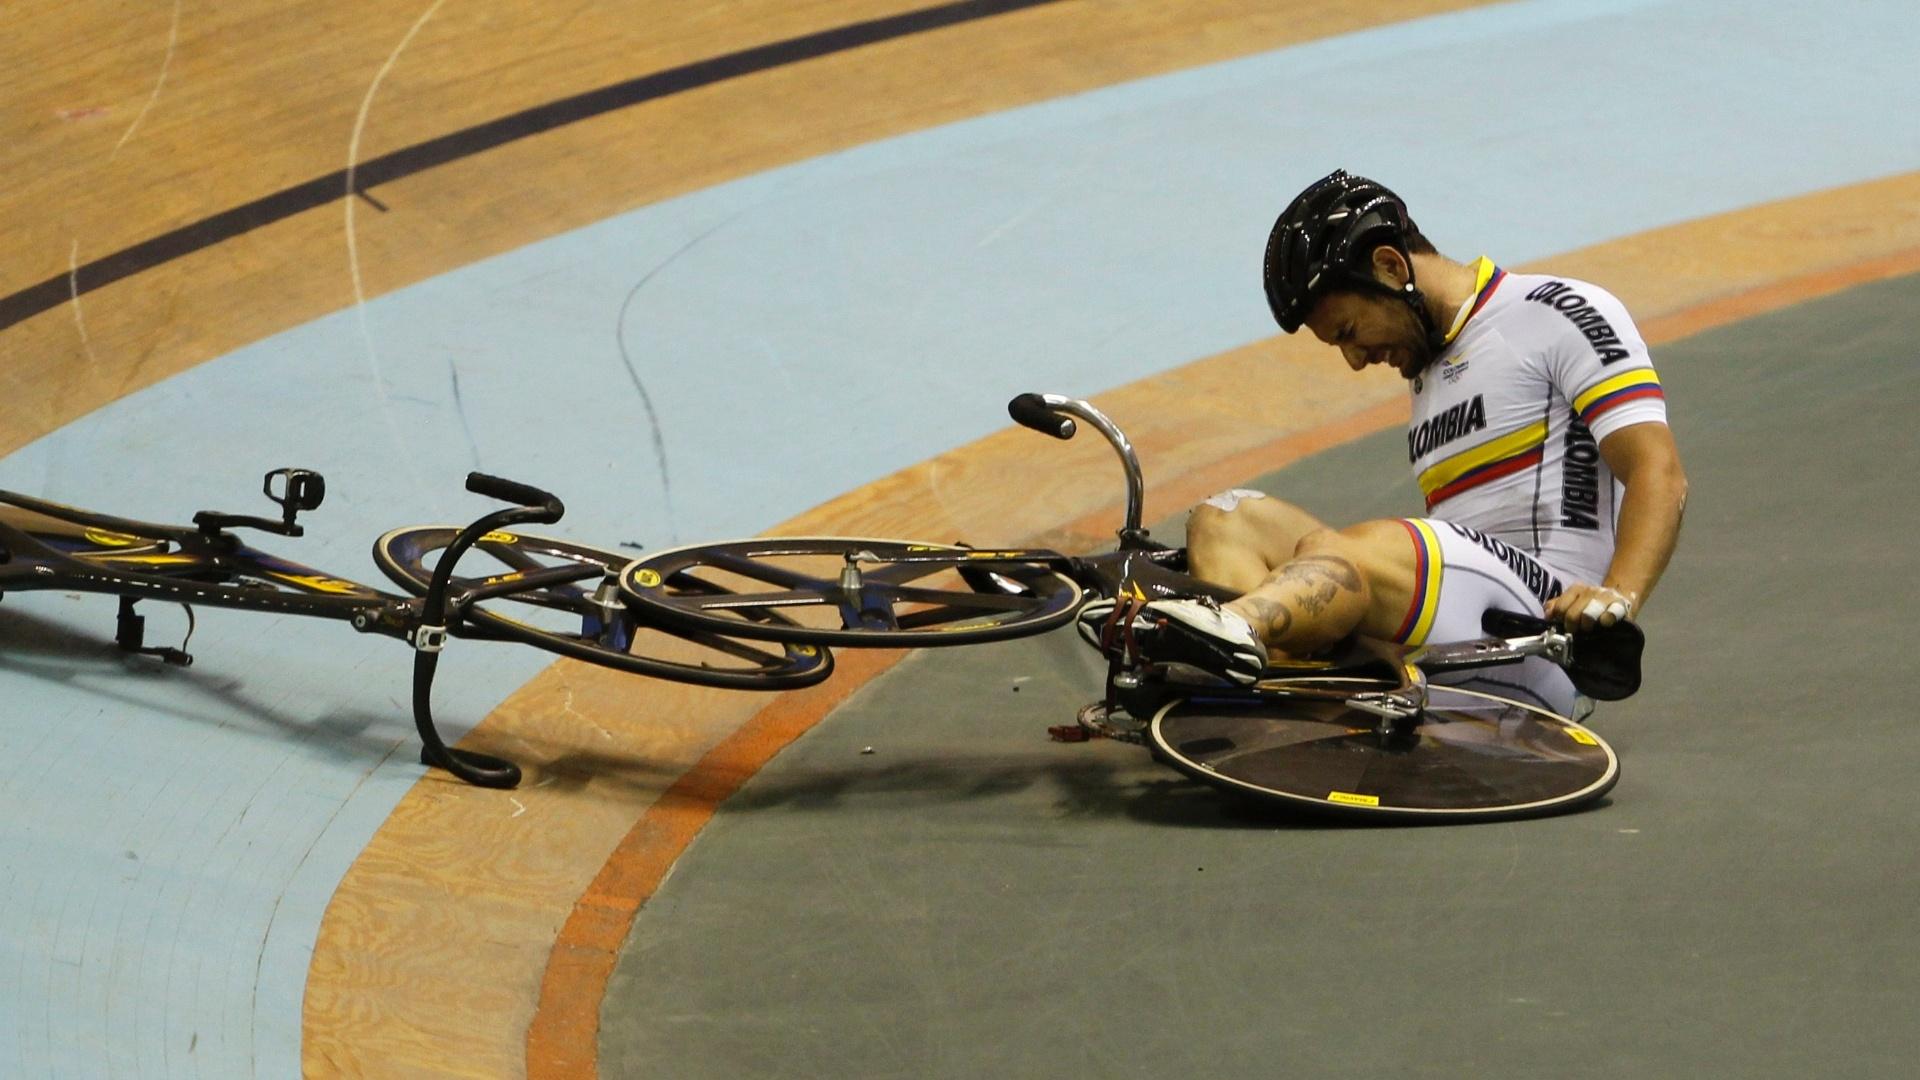 Ciclista Jonathan Marin sente a queda durante a competição do Pan (19/10/2011)